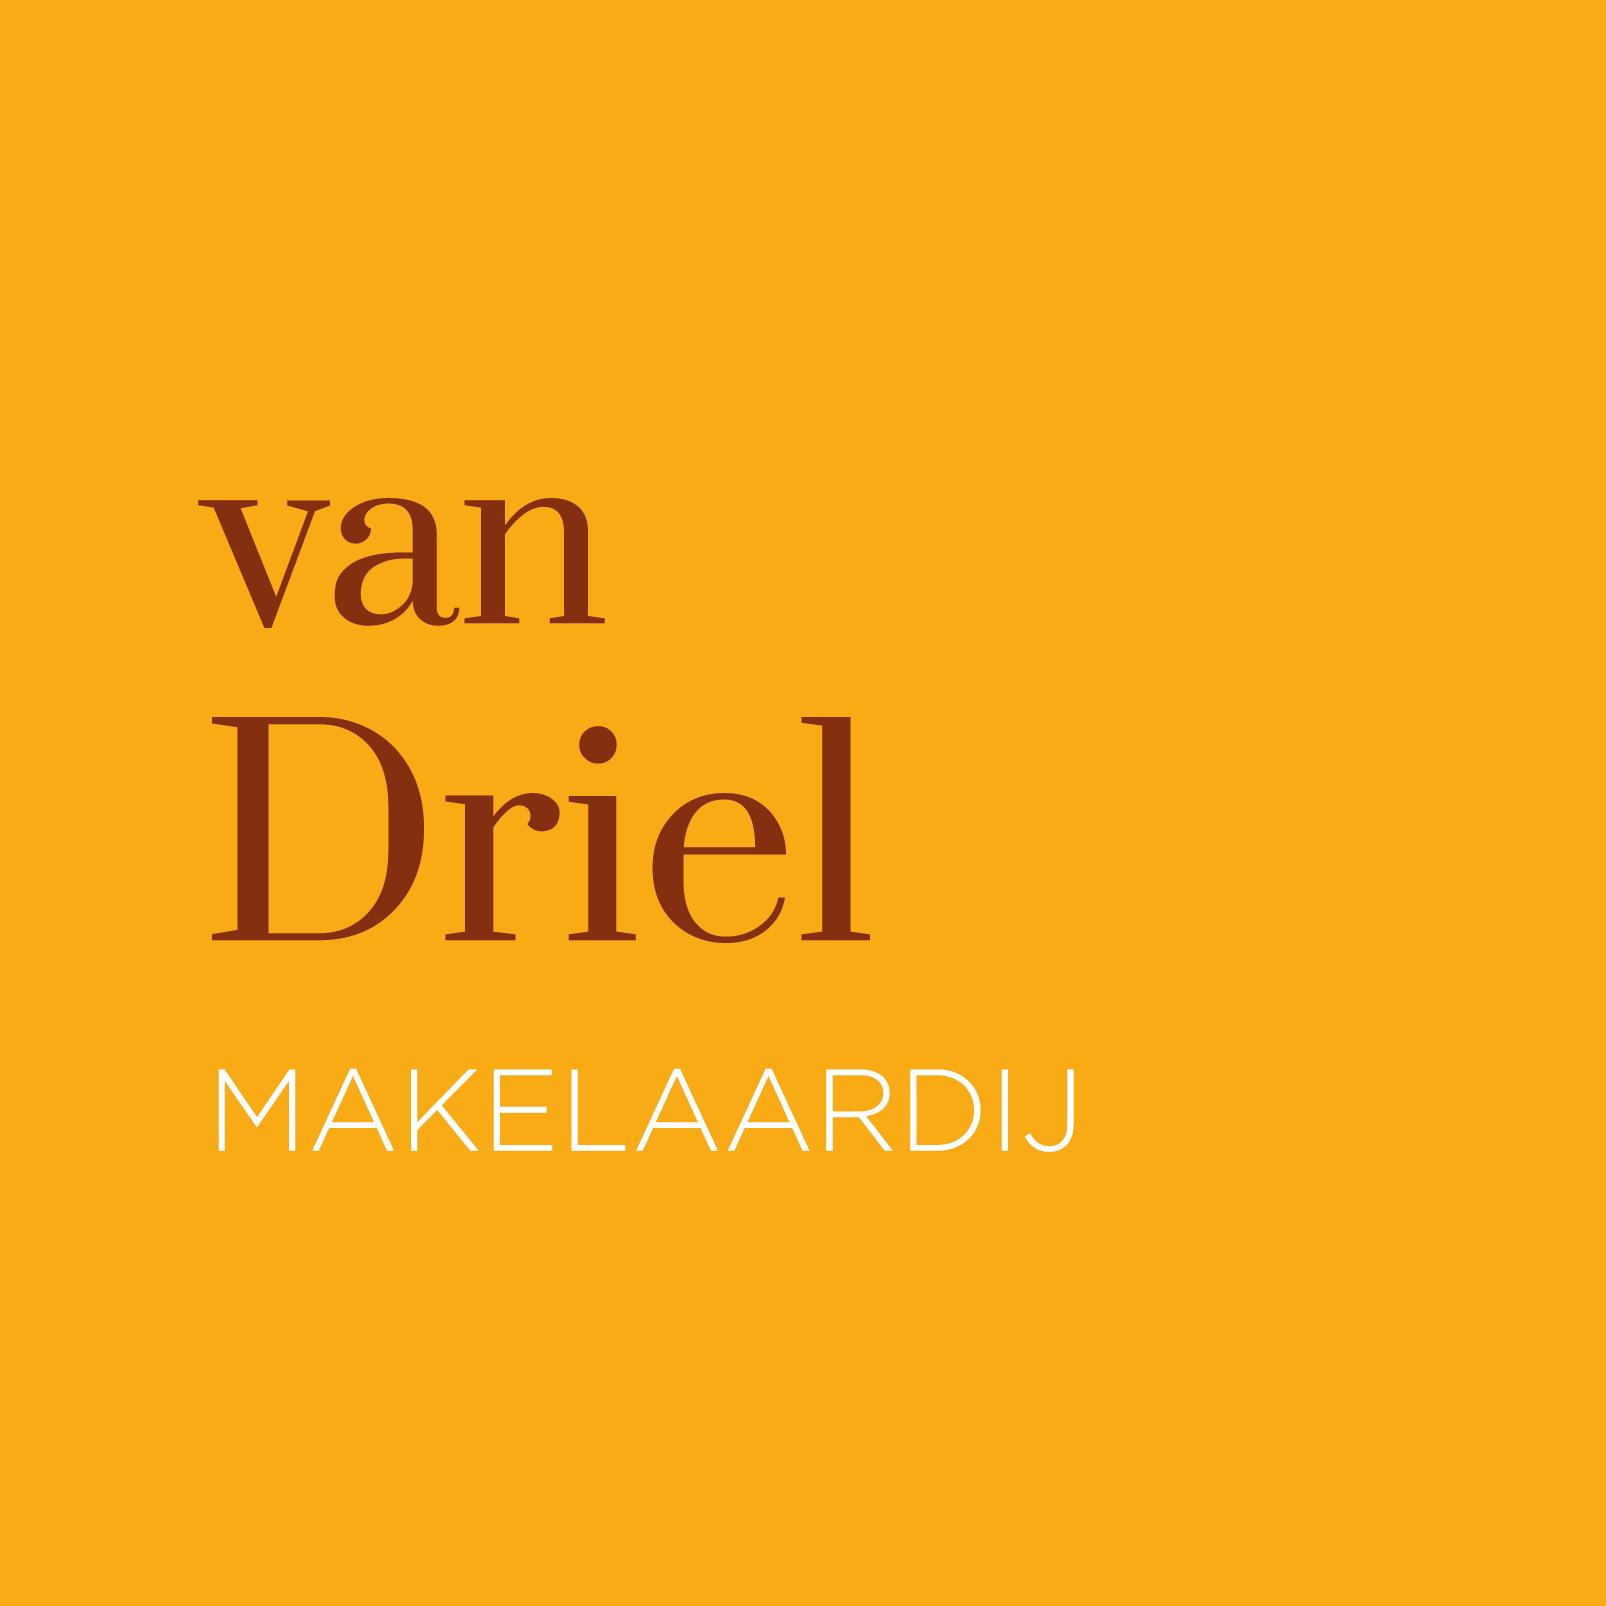 Logo Van Driel Makelaardij